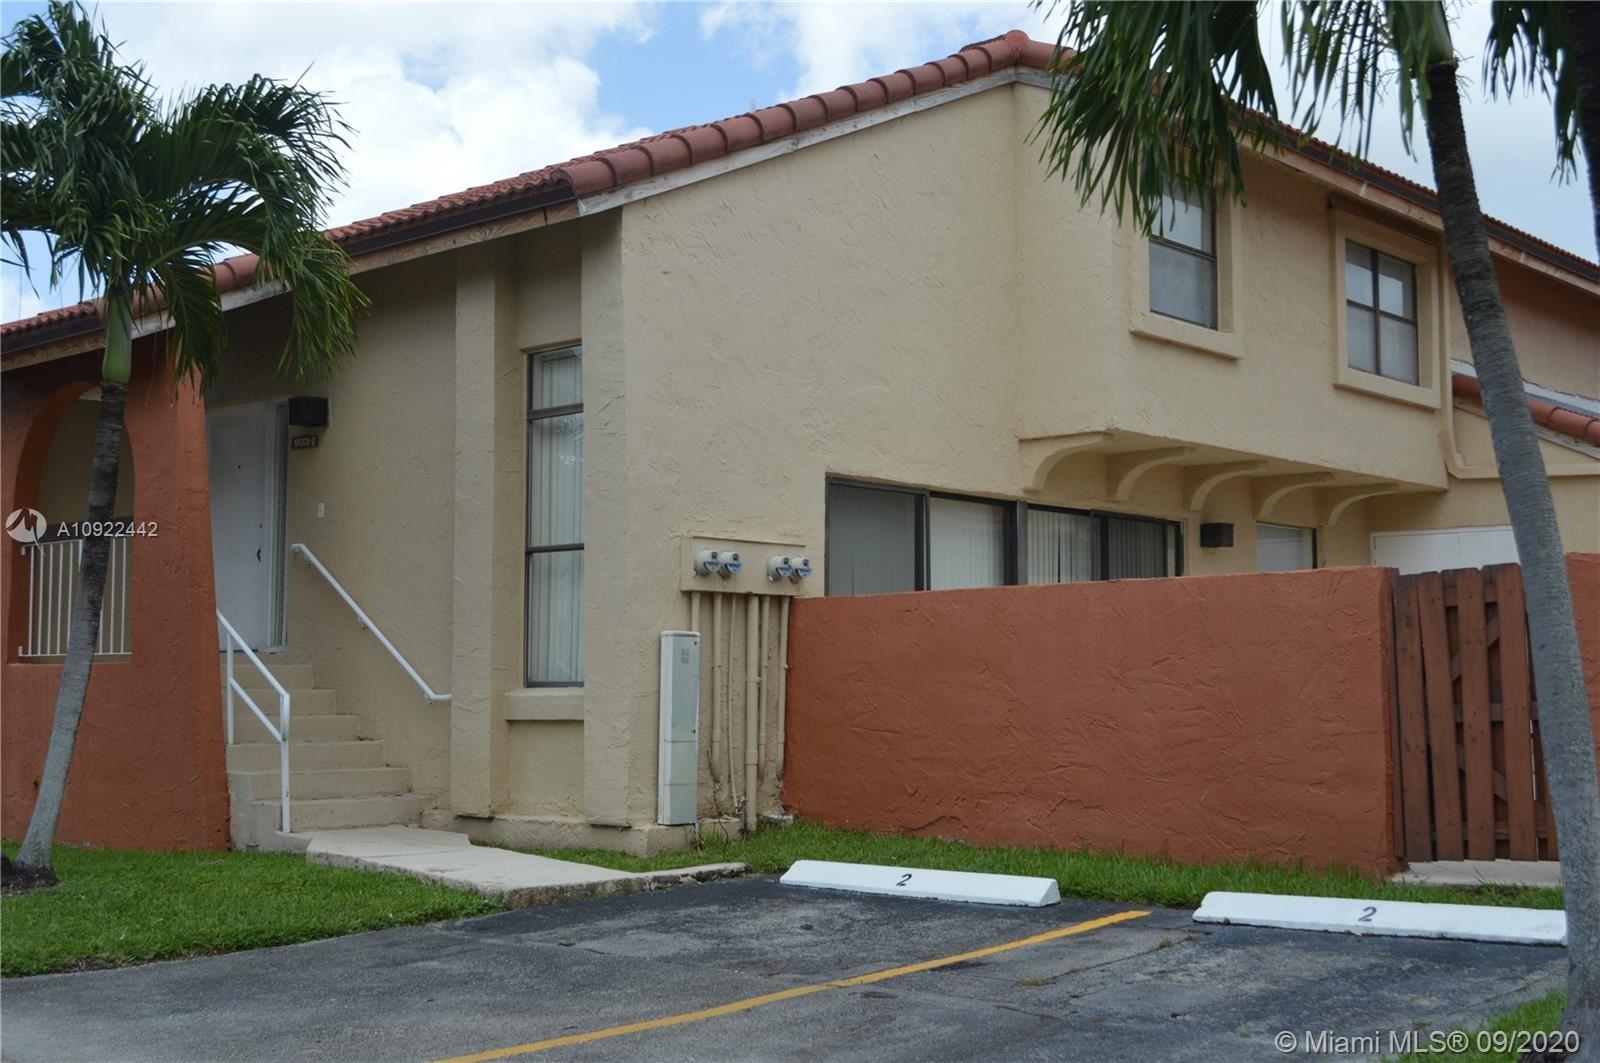 10009 NW 9th St Cir #2-15, Miami, FL 33172 - #: A10922442